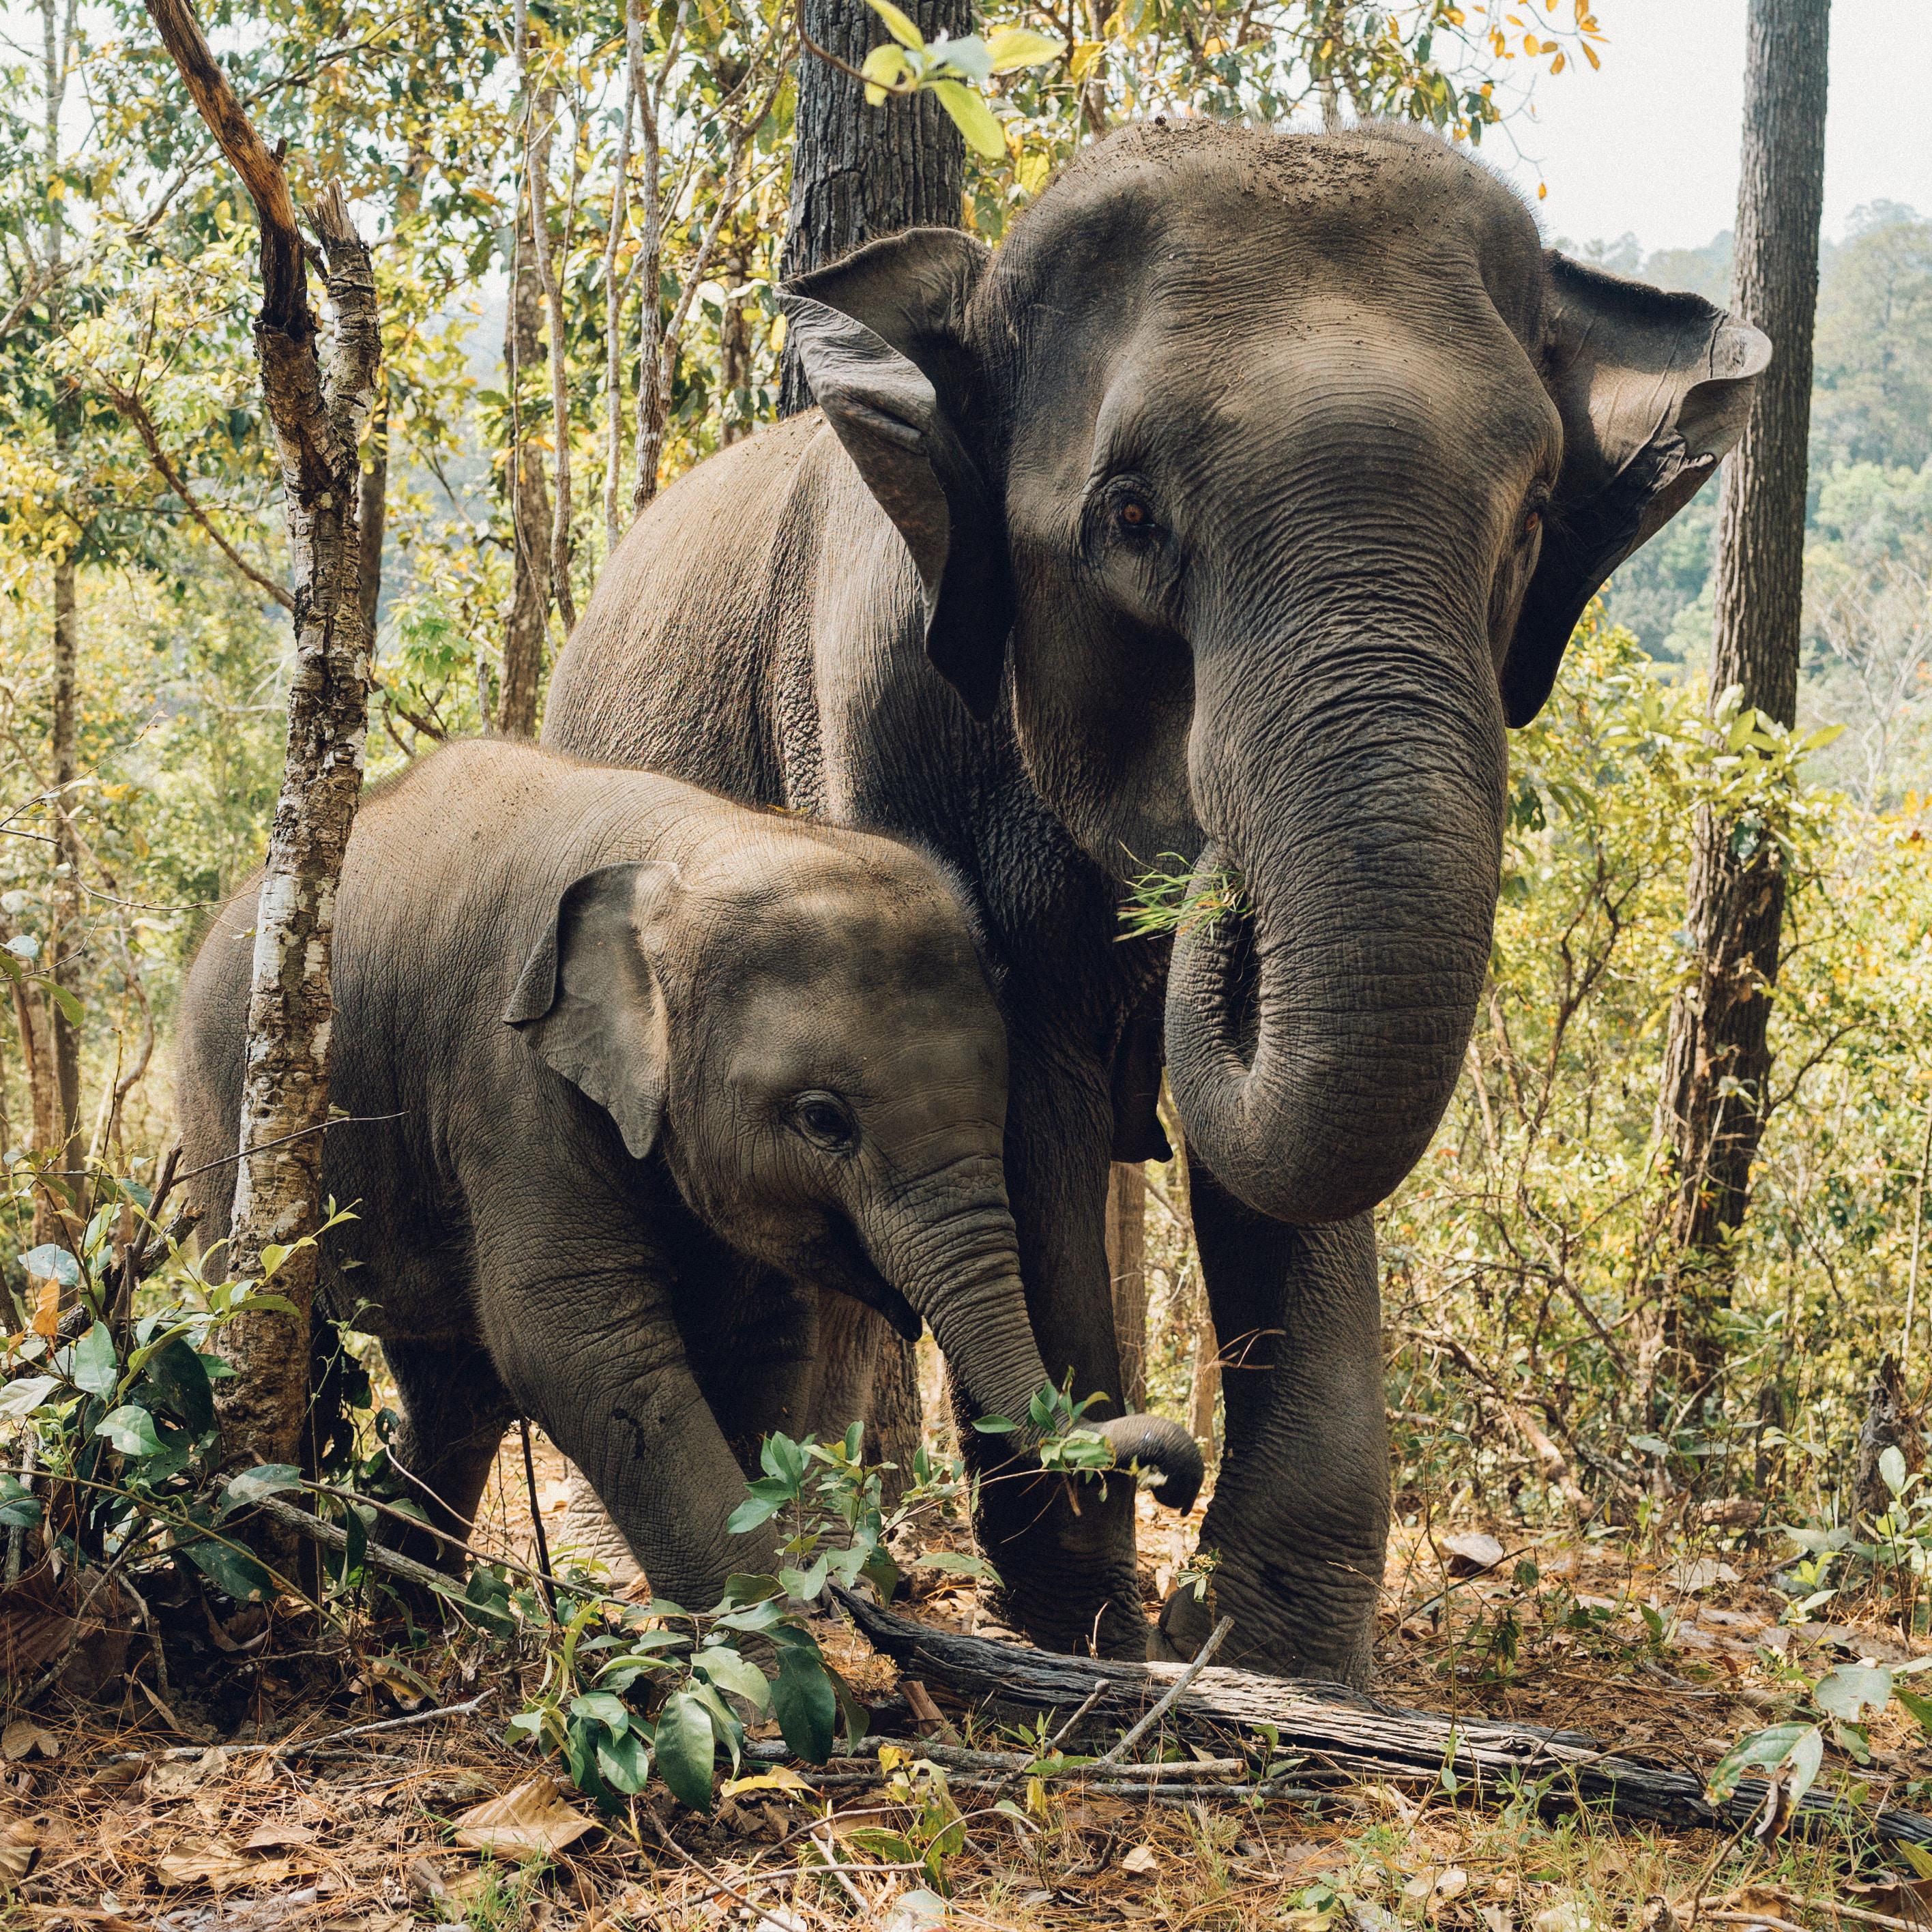 Two Elephants Eating